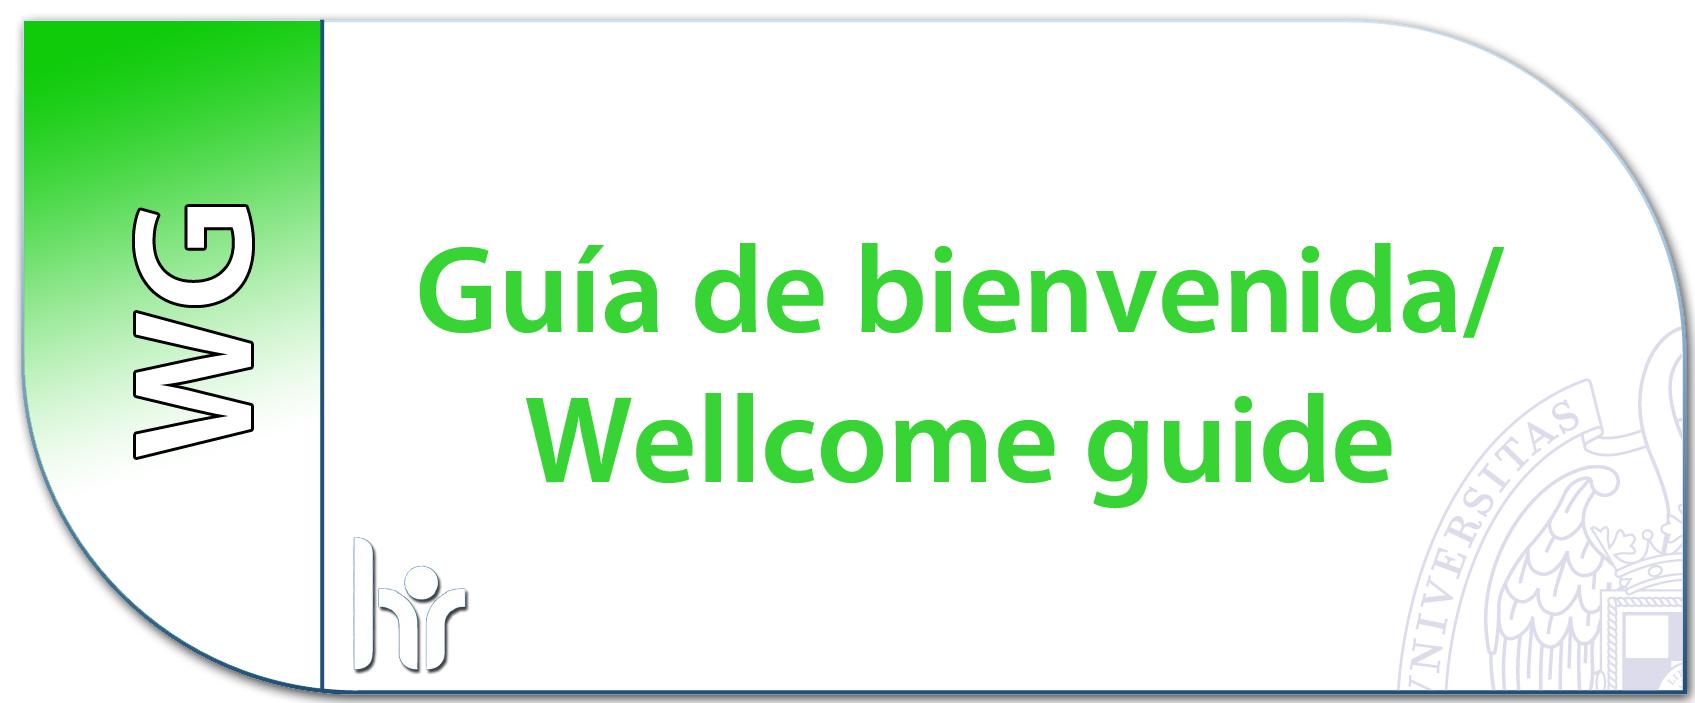 wellcome guide